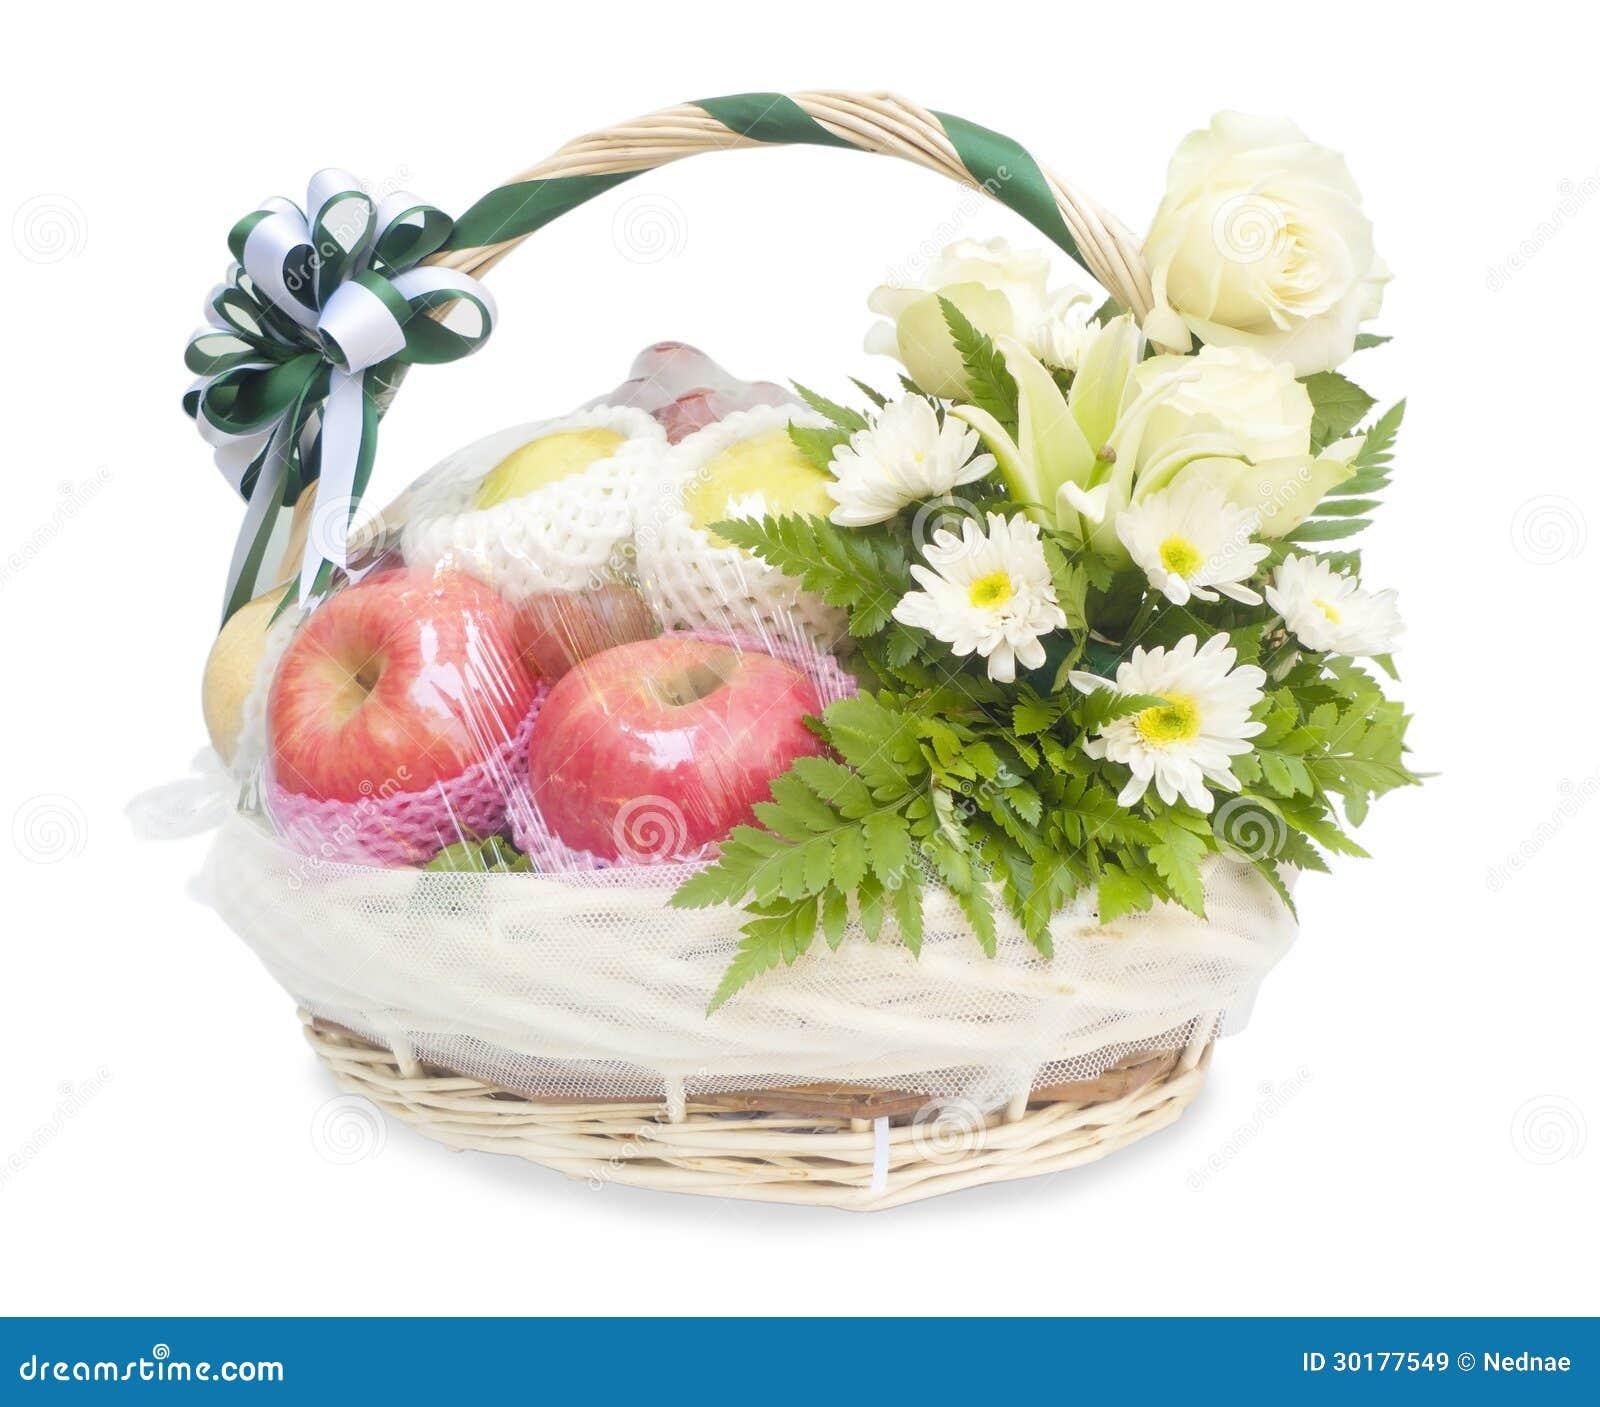 diff rents fruits et fleurs dans le panier en osier images libres de droits image 30177549. Black Bedroom Furniture Sets. Home Design Ideas